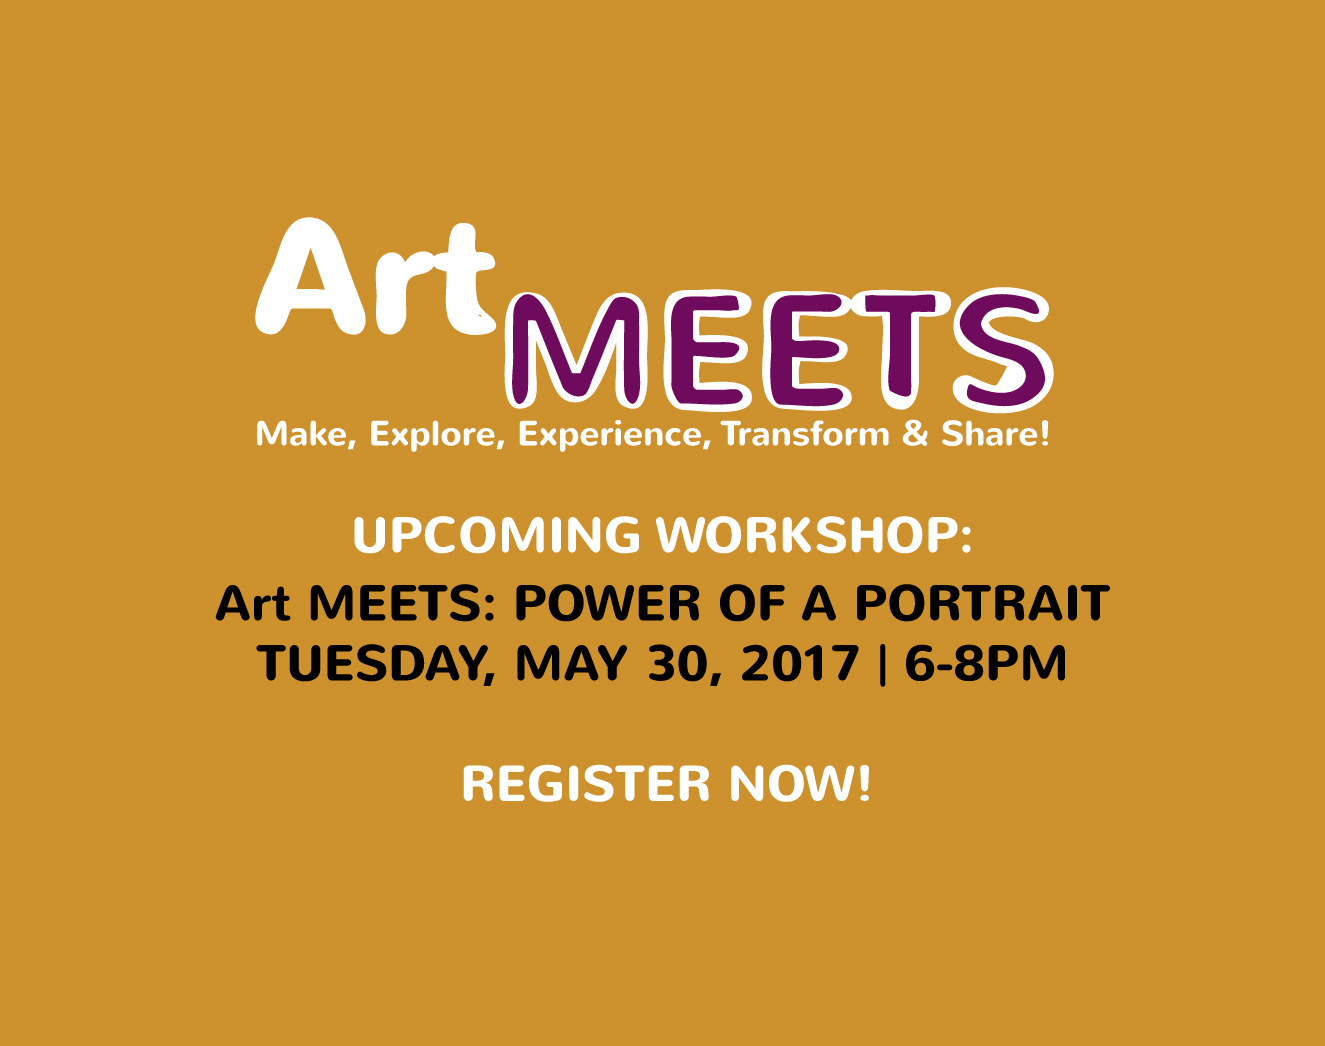 Art MEETS: Power Of A Portrait